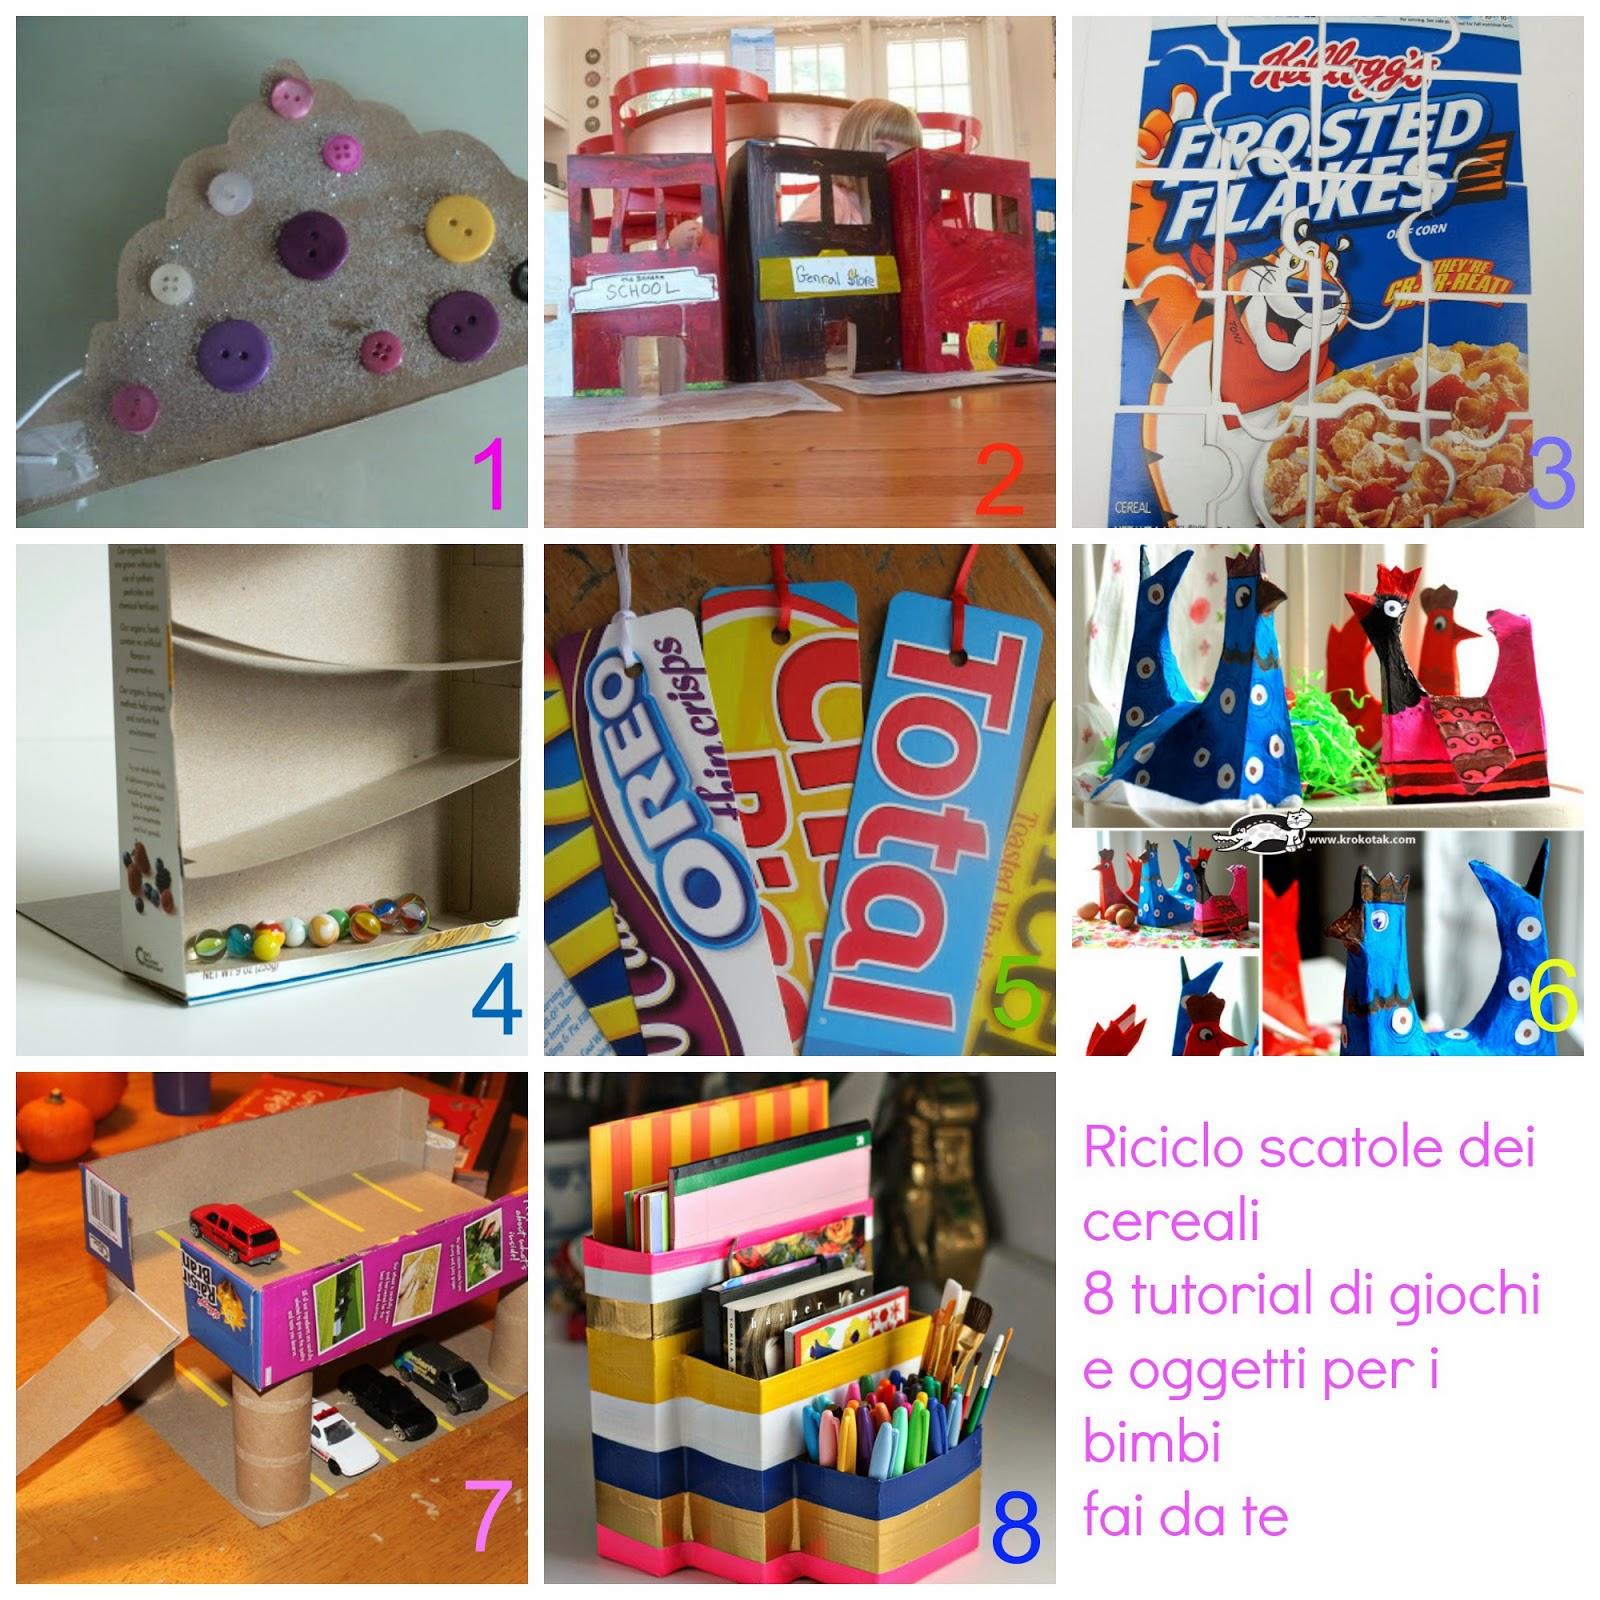 Riciclo scatole cereali 8 tutorial di giochi e oggetti for Creare oggetti per la casa